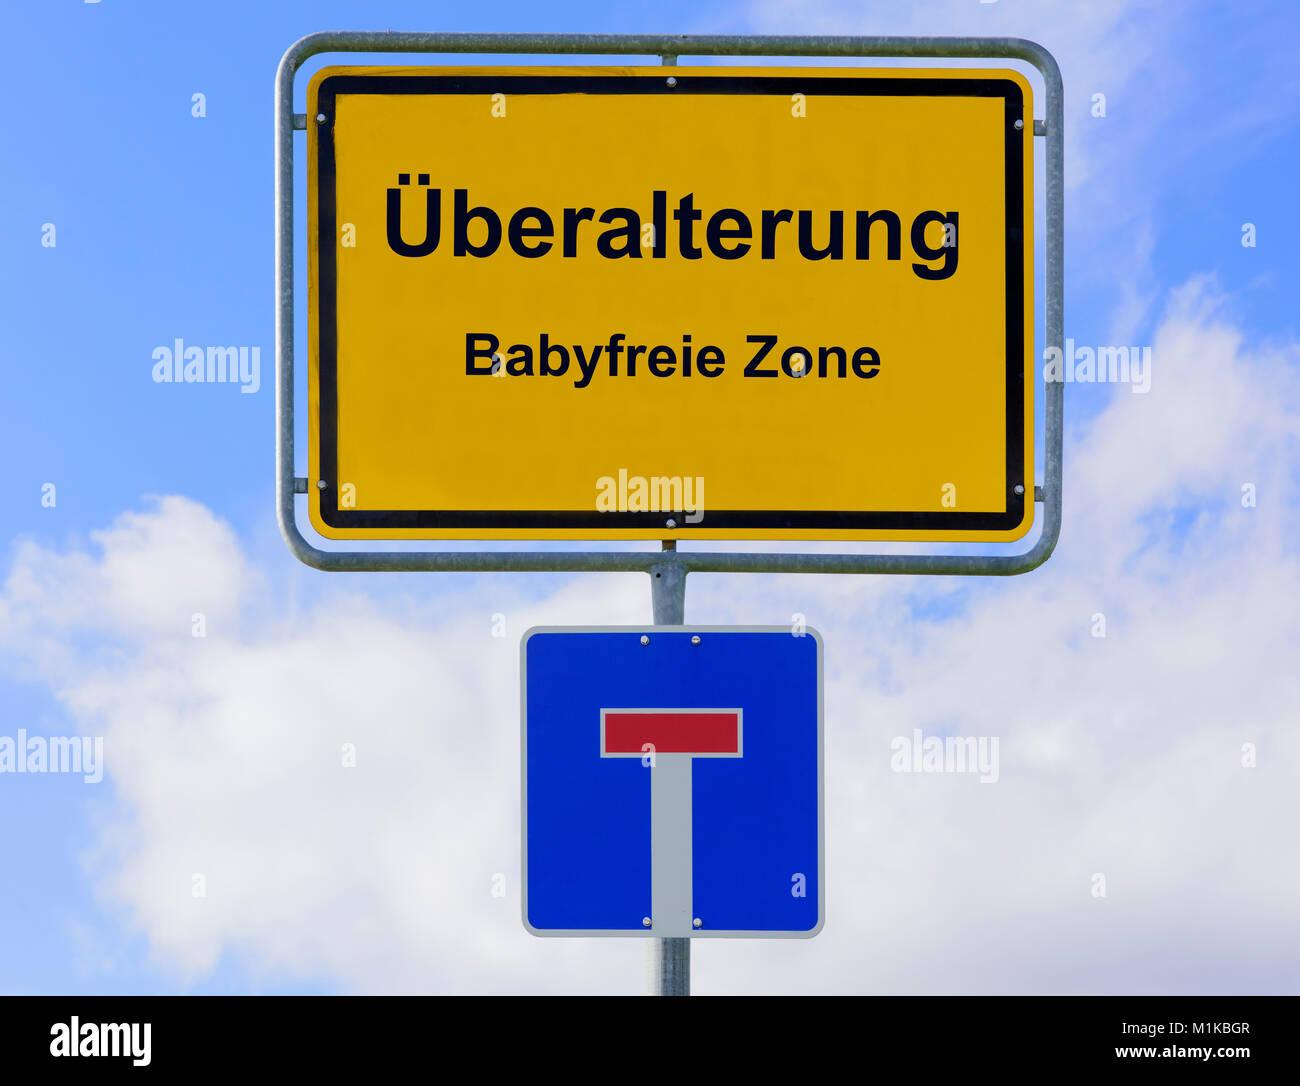 Überalterung in der Babyfreien Zone auf Ortsschild - Stock Image